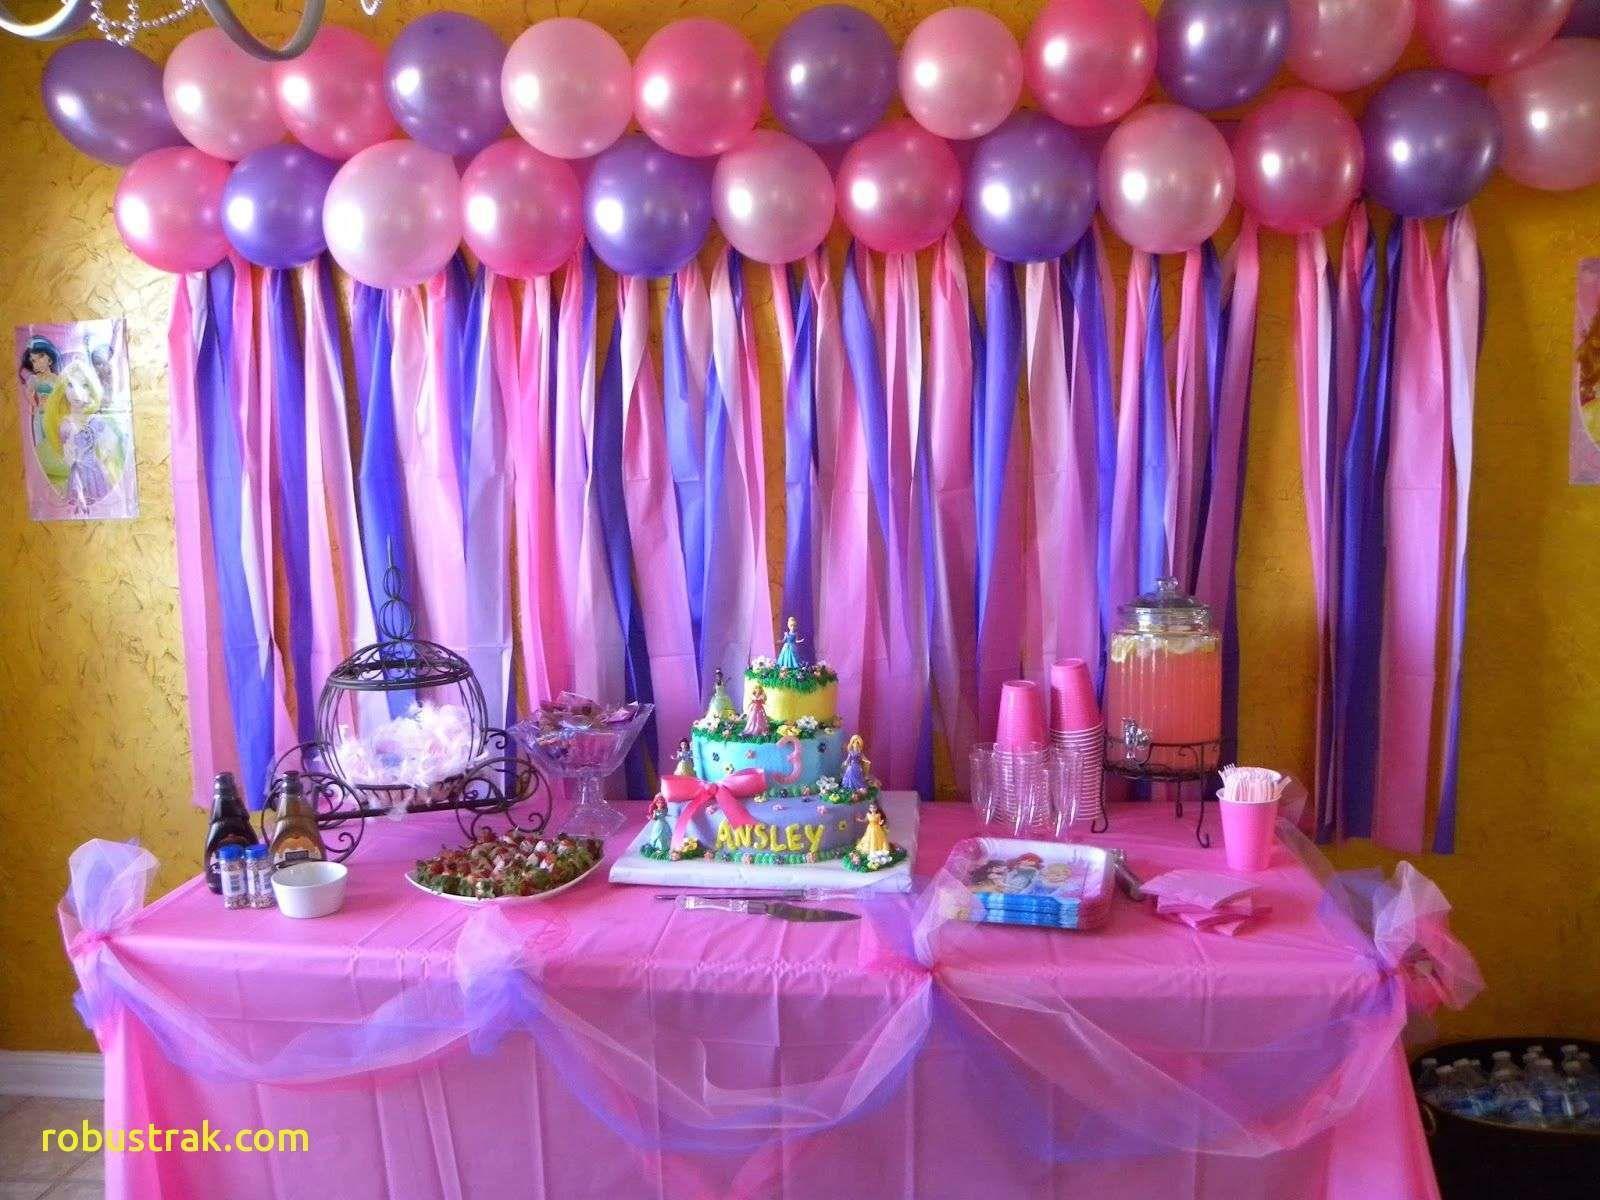 Elegant Cinderella Party Decoration Ideas Homedecoration Homedecorations Princess Party Decorations Disney Princess Birthday Party Birthday Surprise Party